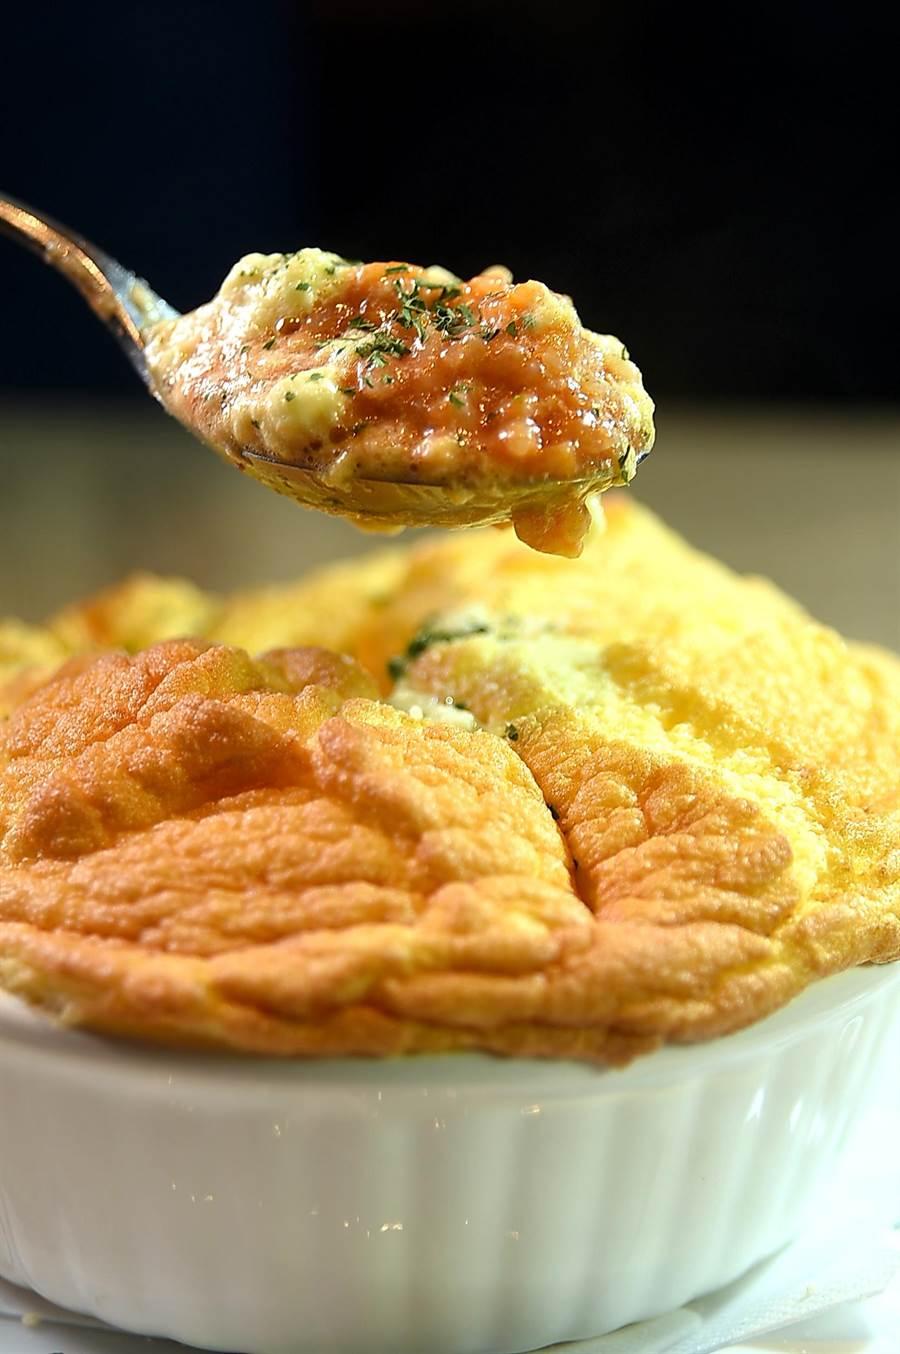 〈星乃珈琲店〉的〈舒芙蕾歐姆蛋焗飯〉,蛋下覆蓋的是舖著一層起司一起焗烤的焗飯。(圖/姚舜)